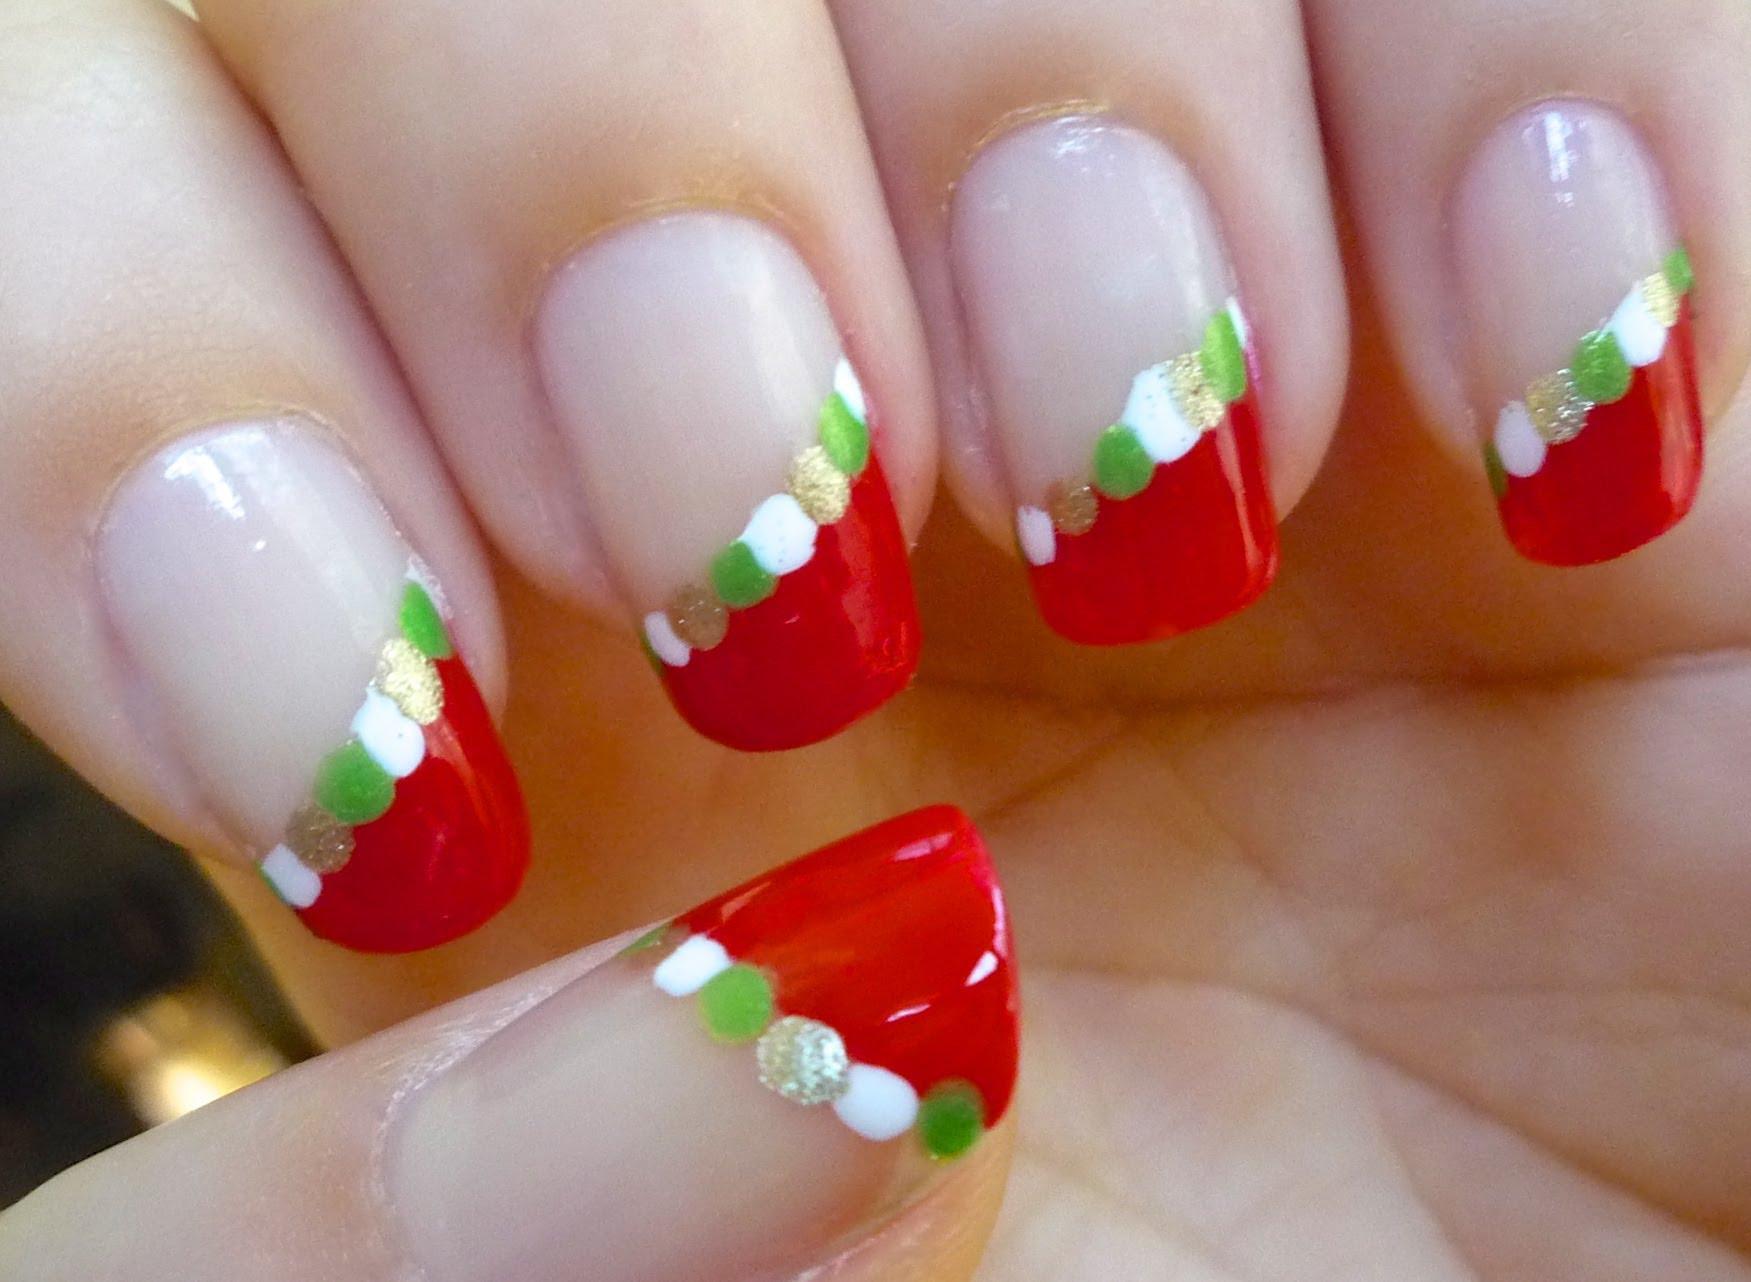 Unhas decoradas para Natal com postas vermelhas (Fot: Divulgação)